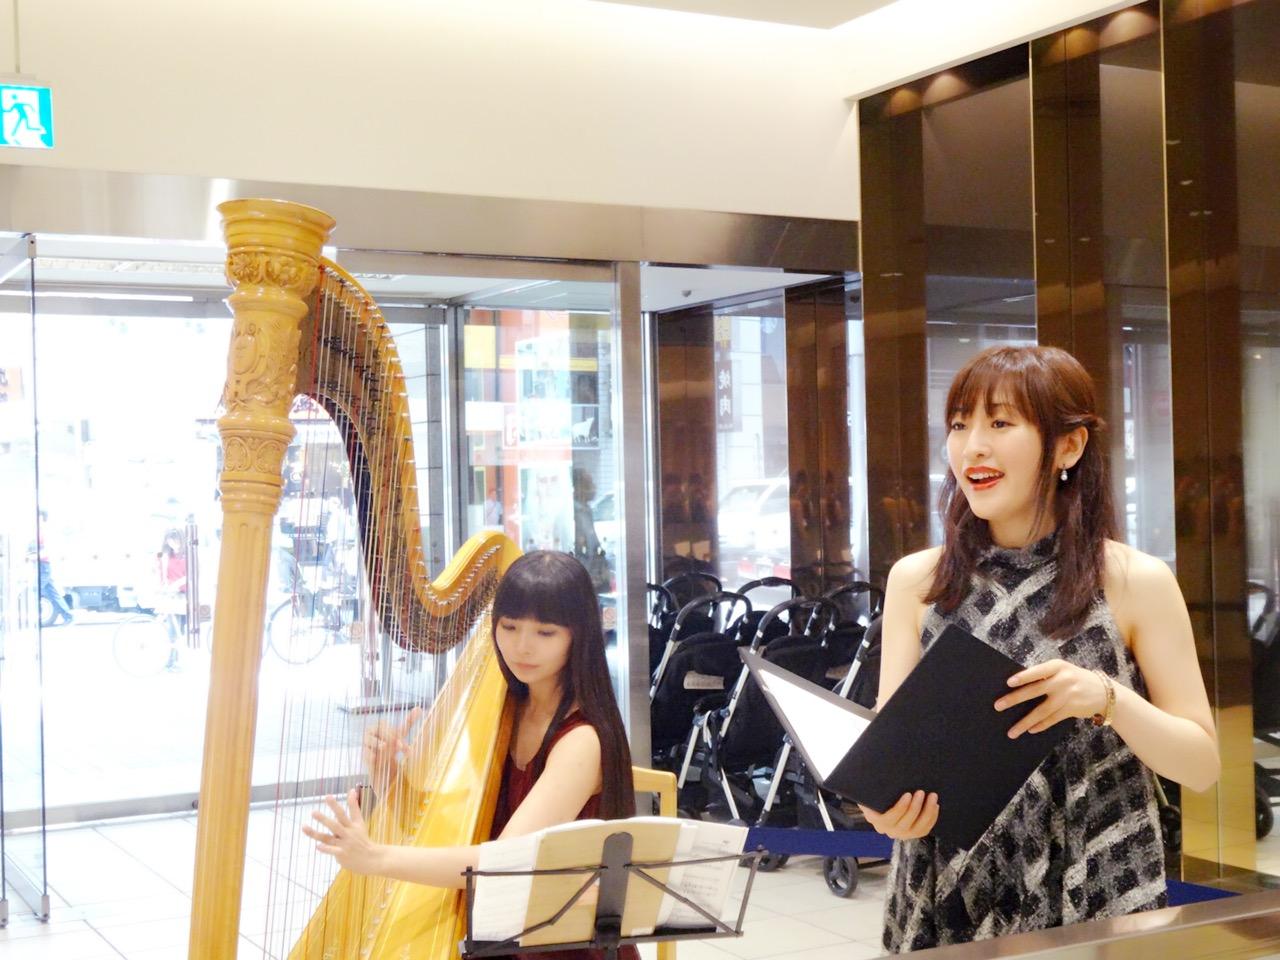 ハープと声楽の二重奏生演奏でした